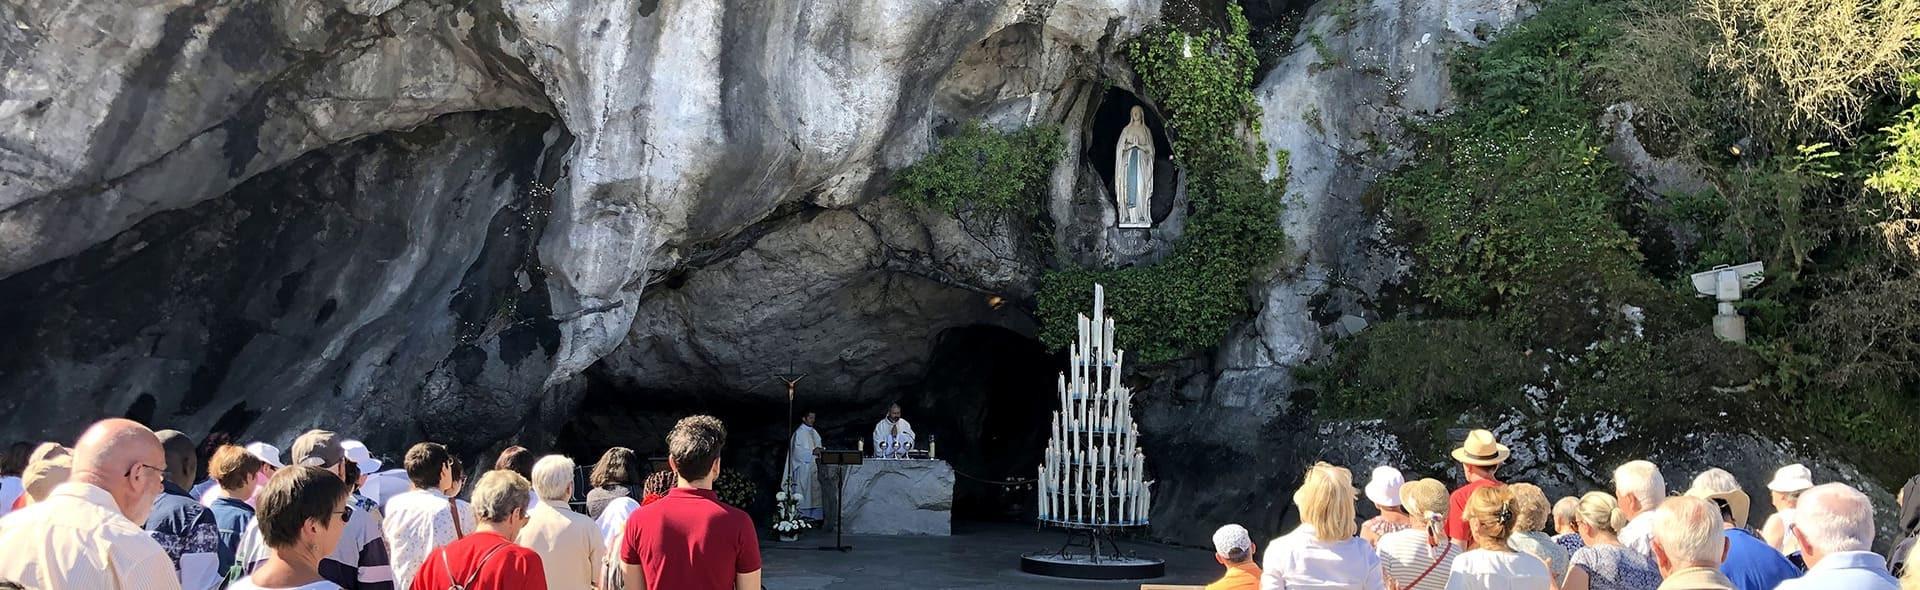 Viaggio a Lourdes in Aereo da Roma Seconda Meta' Agosto